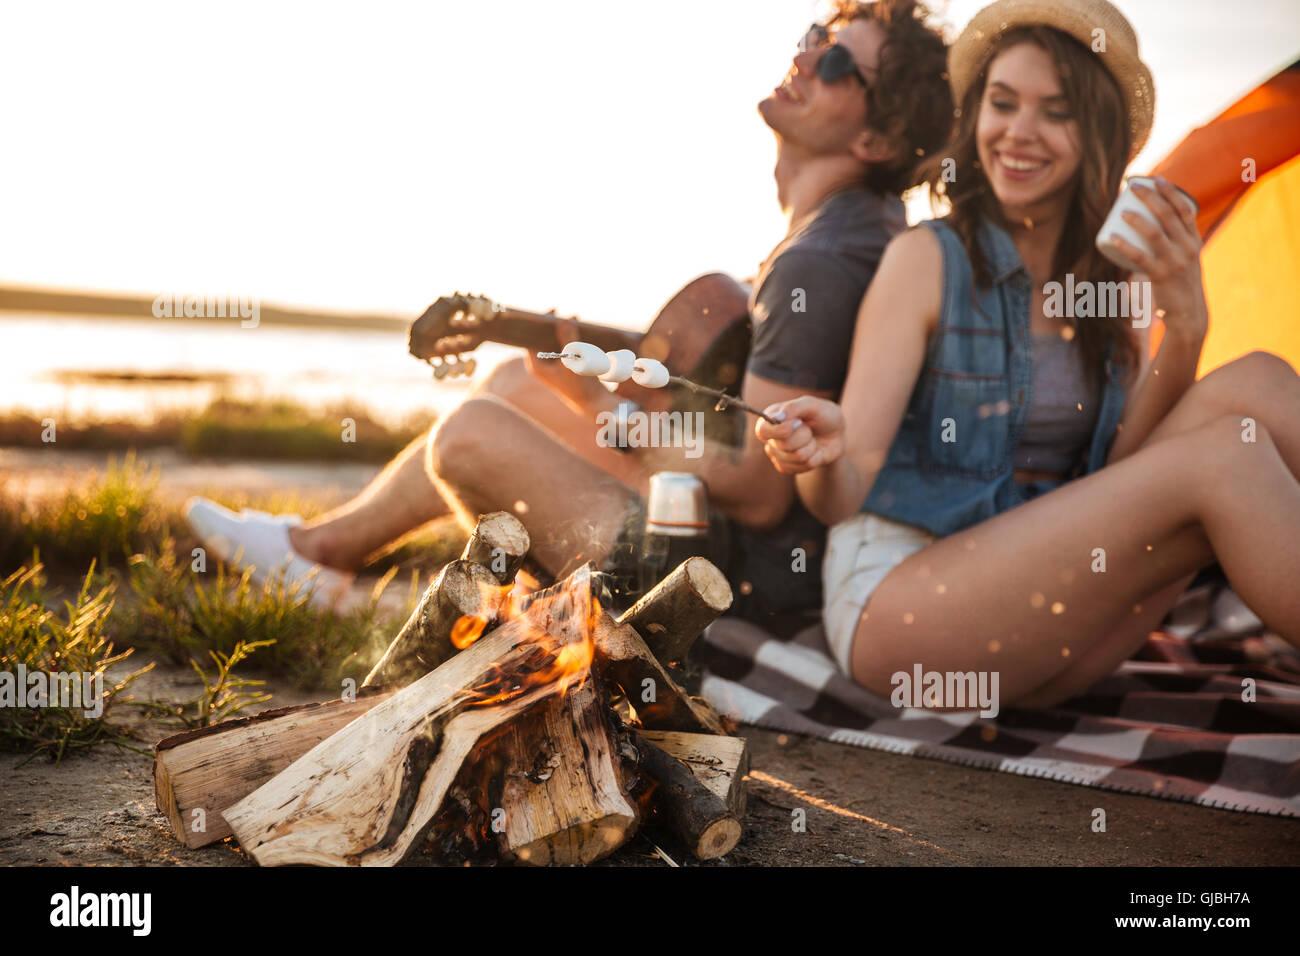 Allegro Bella coppia Giovane a suonare la chitarra e la frittura marshmallows sui falò Immagini Stock